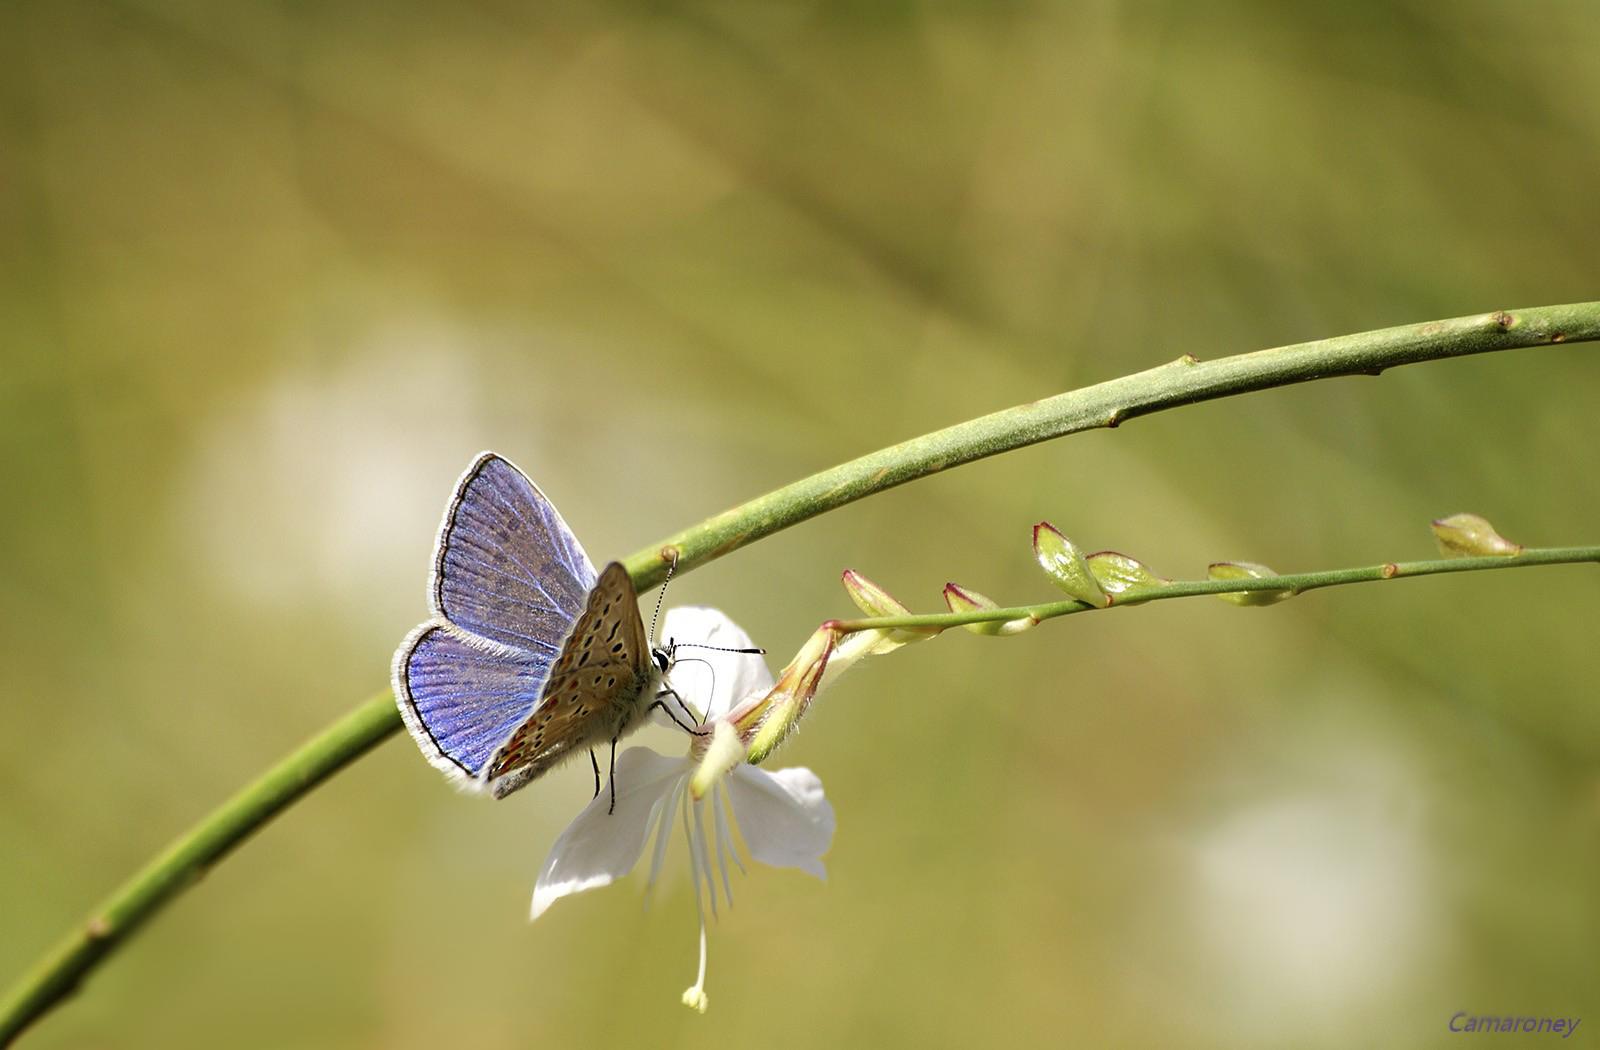 L'argus et autres papillons  mise a jour du 04.04.2019 ( camaroney ) - Page 2 642721bruno